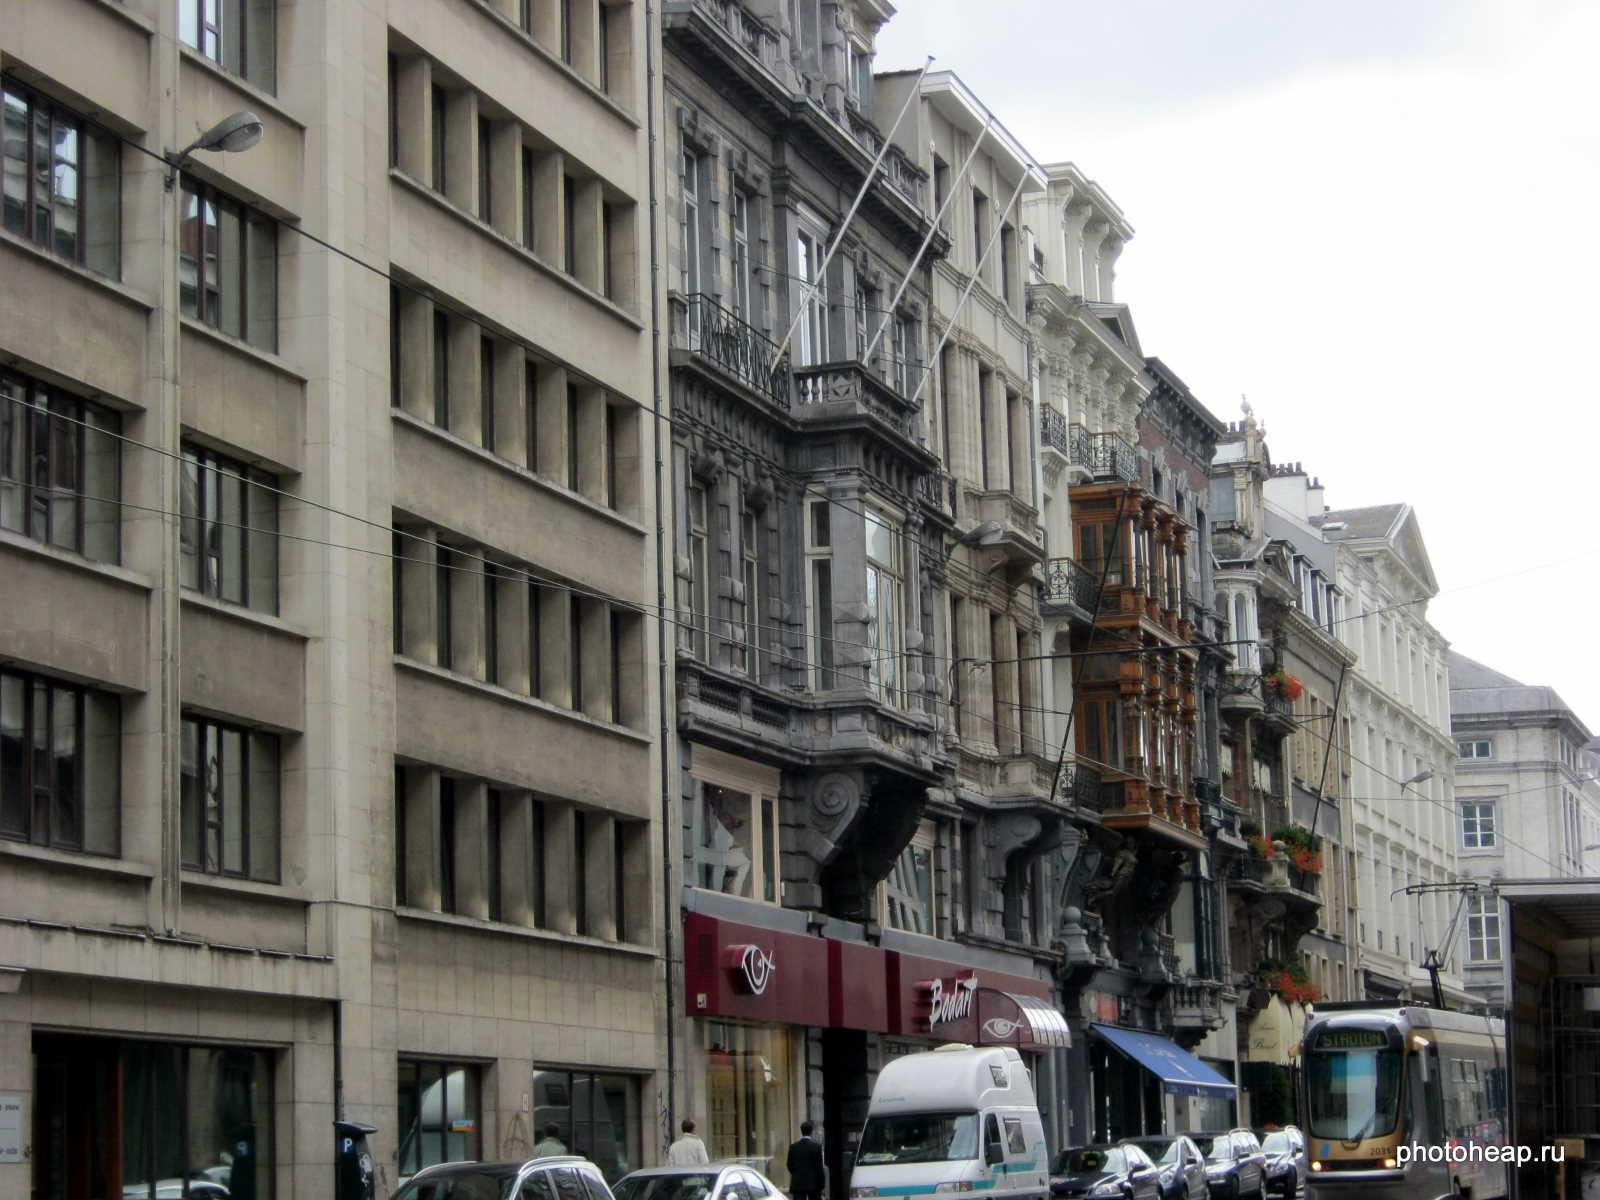 Brussels - balconies